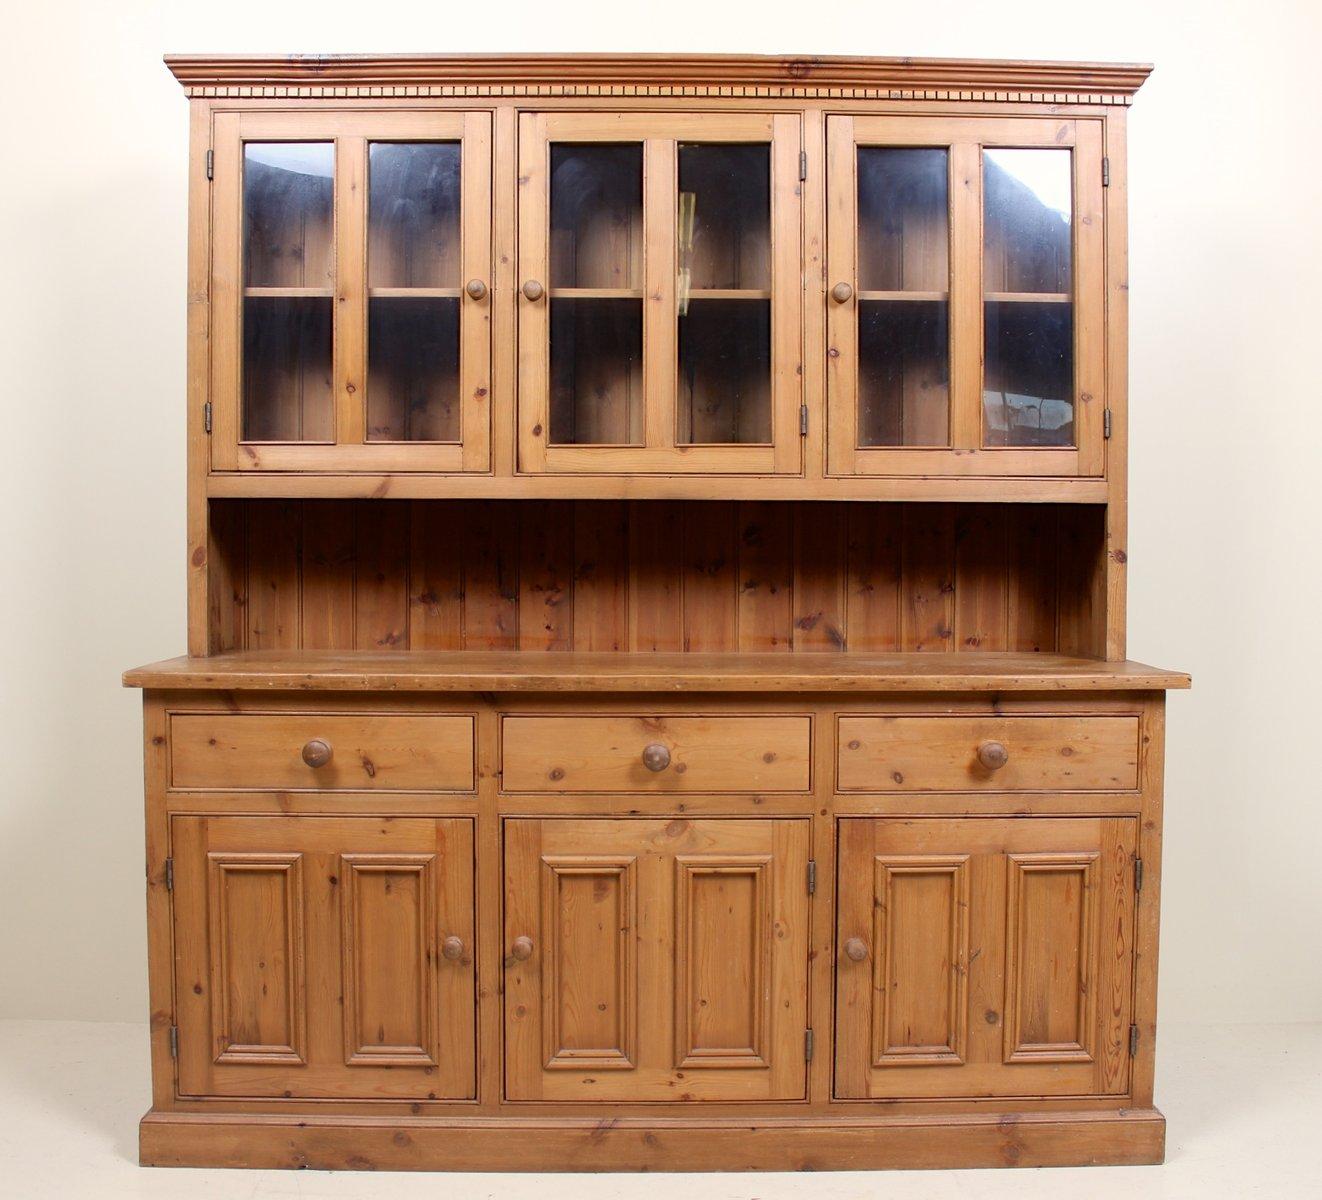 Mueble de cocina Mid-Century grande de pino y vidrio en venta en Pamono